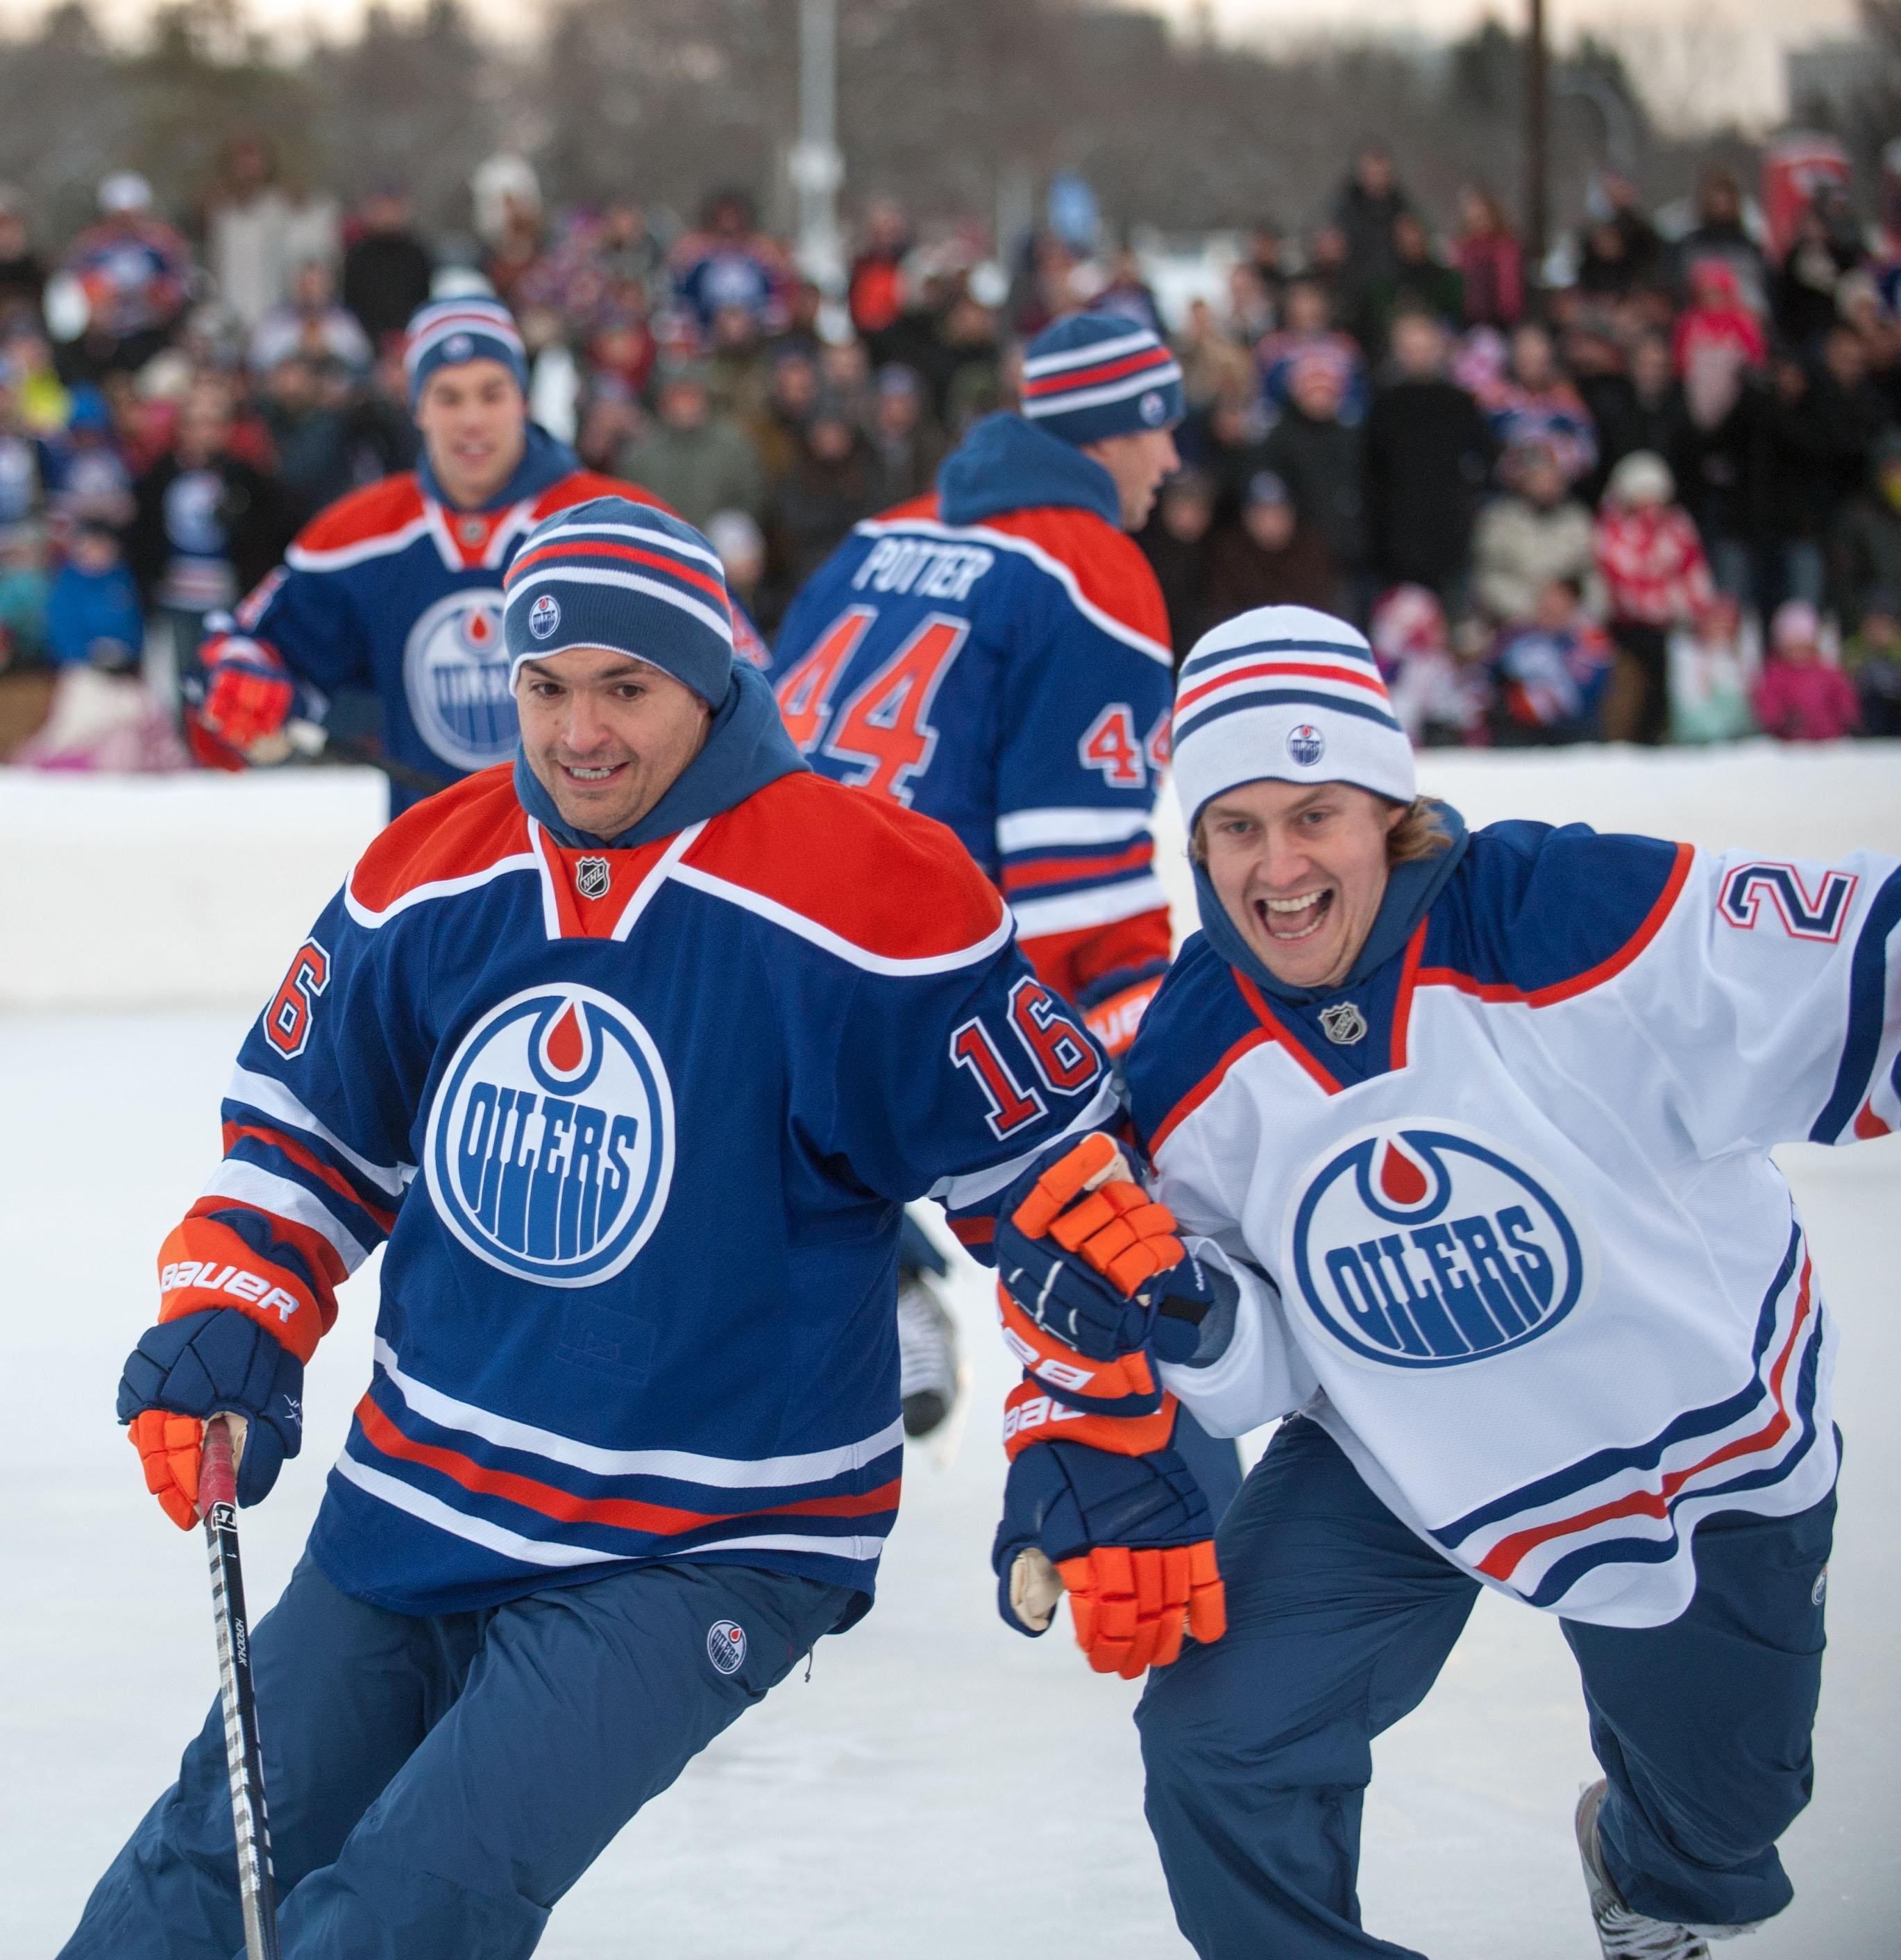 OilersShinny06_FUN.jpg